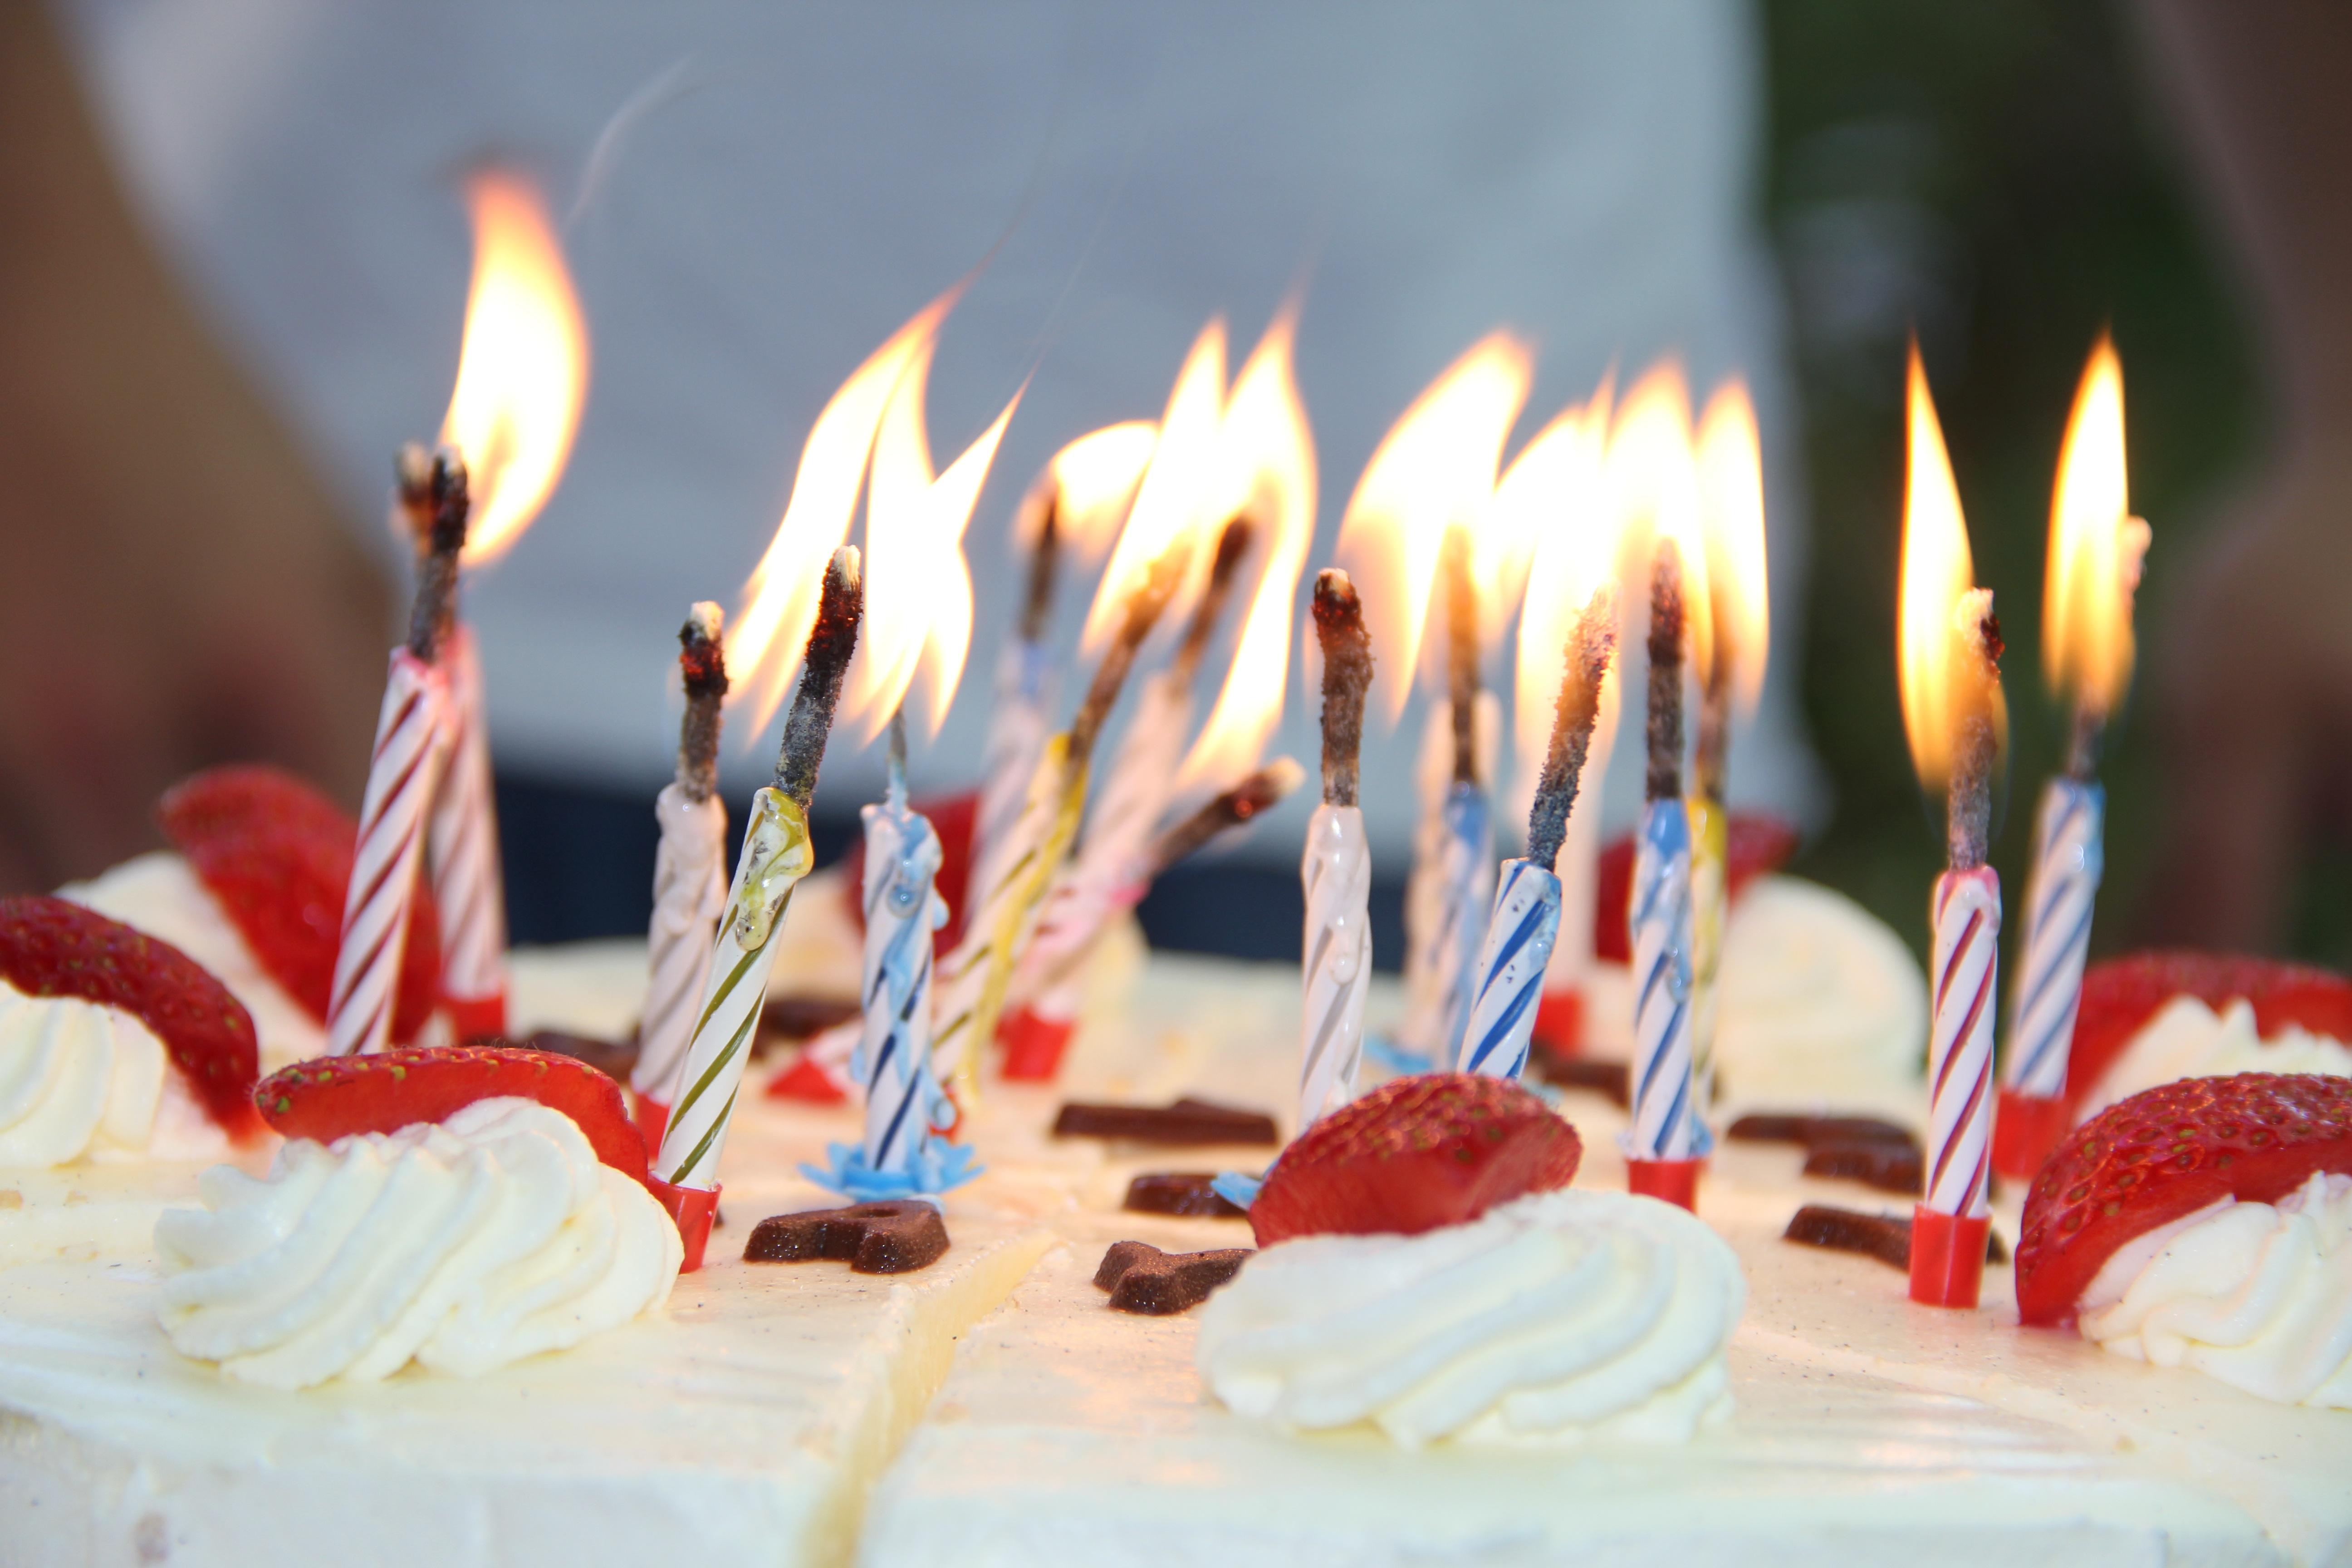 Sweet Flower Celebration Food Red Christmas Dessert Eat Cream Cake Baked Birthday Bake Festival Candles